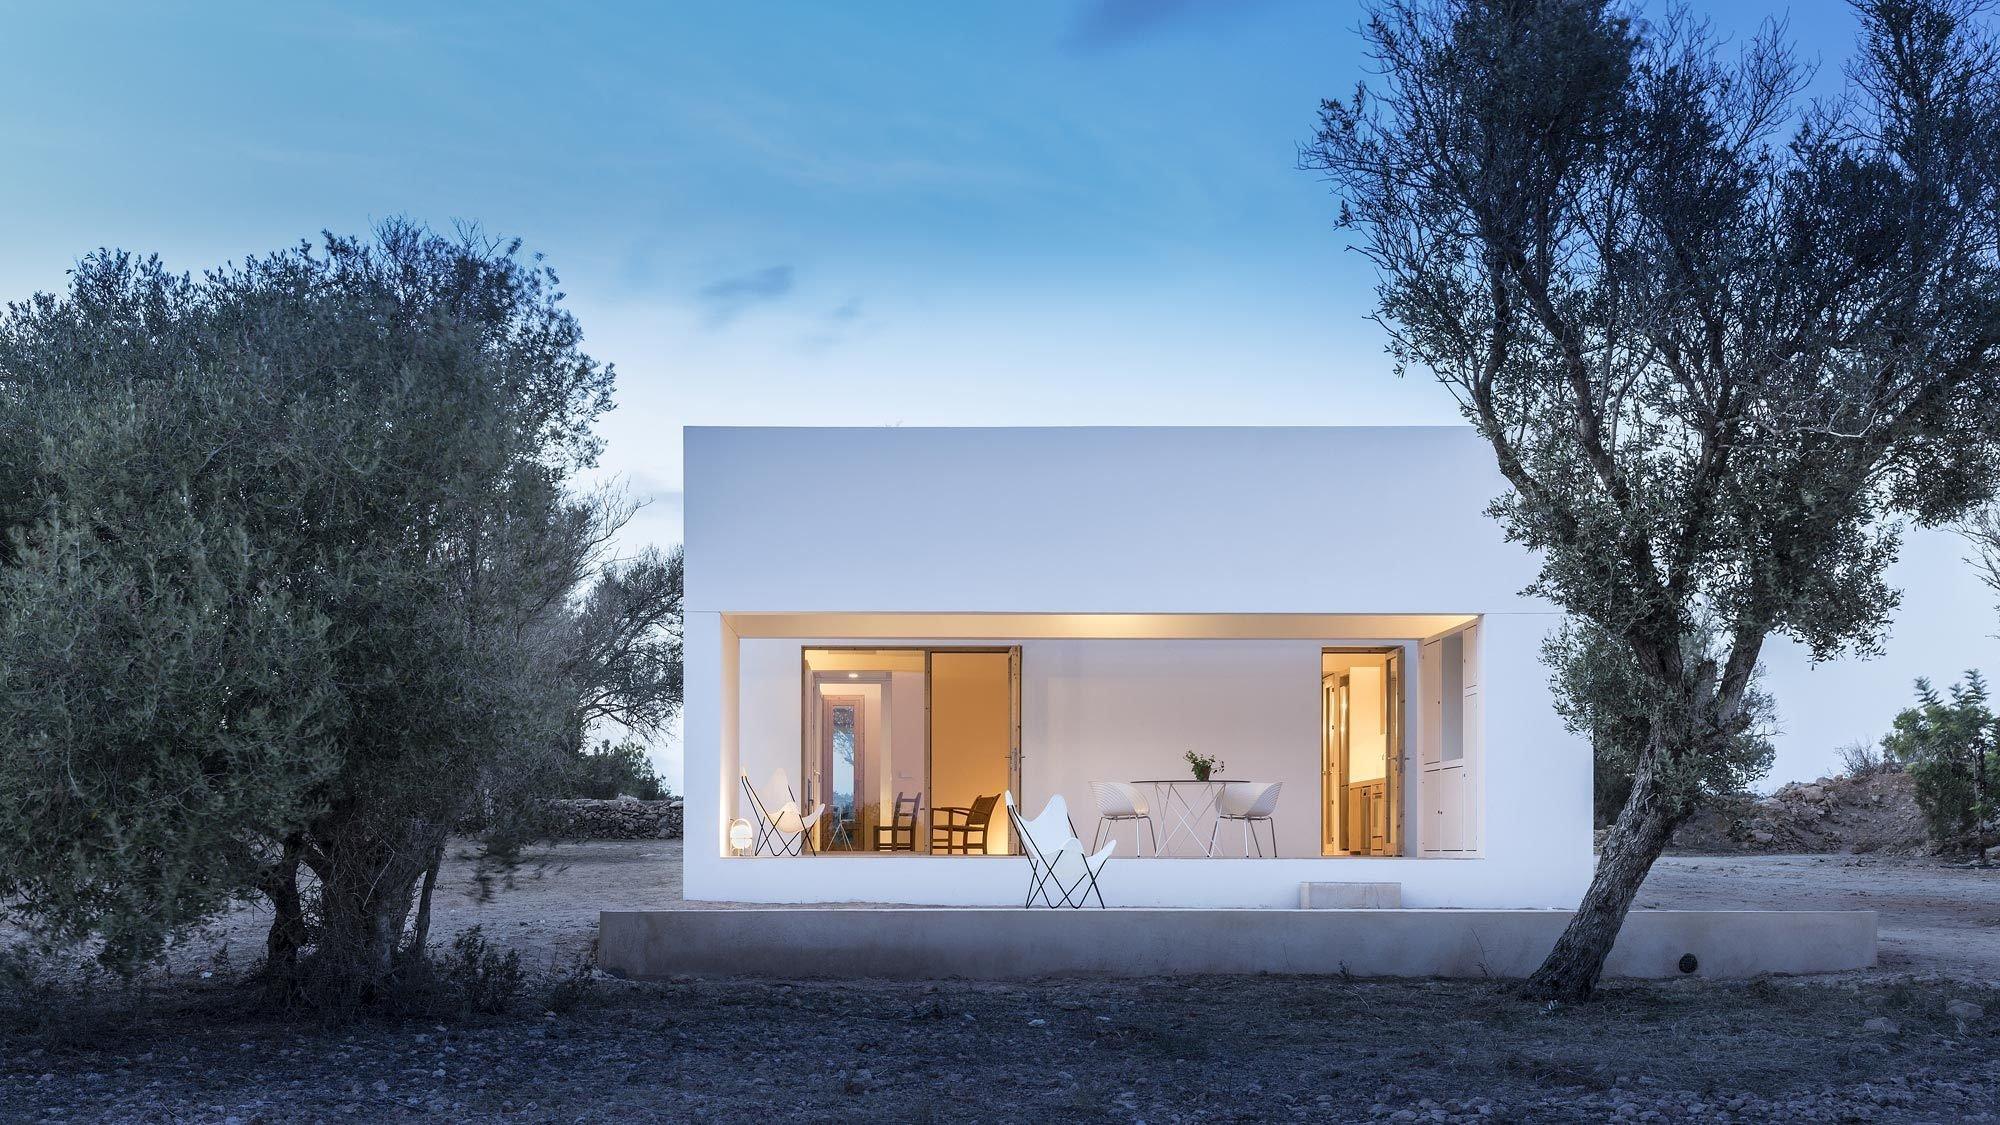 Auf Formentera errichtete Marià Castelló ein von regionalen Bautraditionen inspiriertes Wohnhaus – inmitten der Felder und ausgerichtet nach den Elementen.